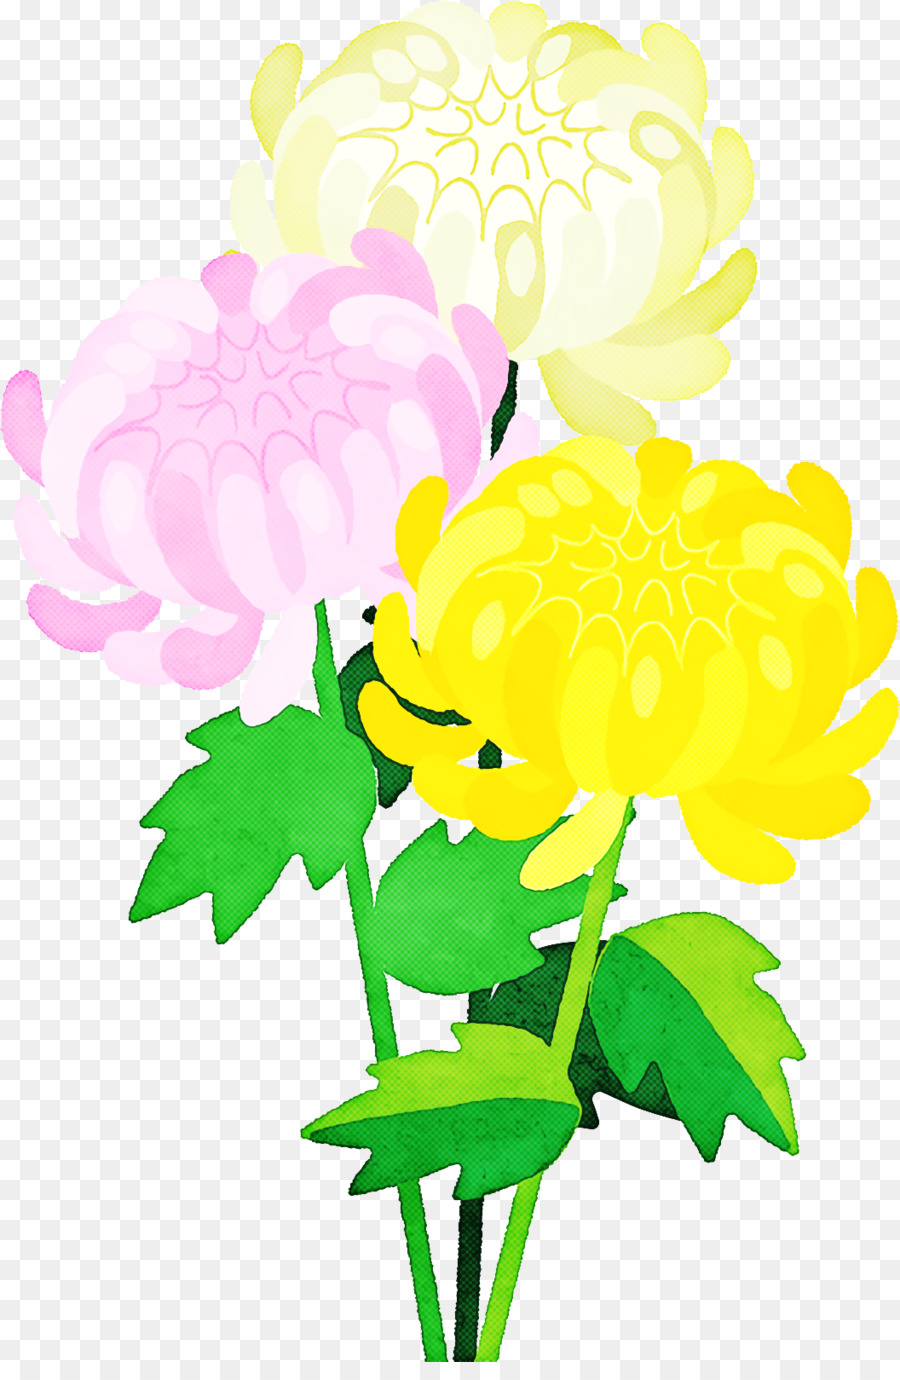 Descarga gratuita de Diseño Floral, Crisantemo, Las Flores Cortadas imágenes PNG